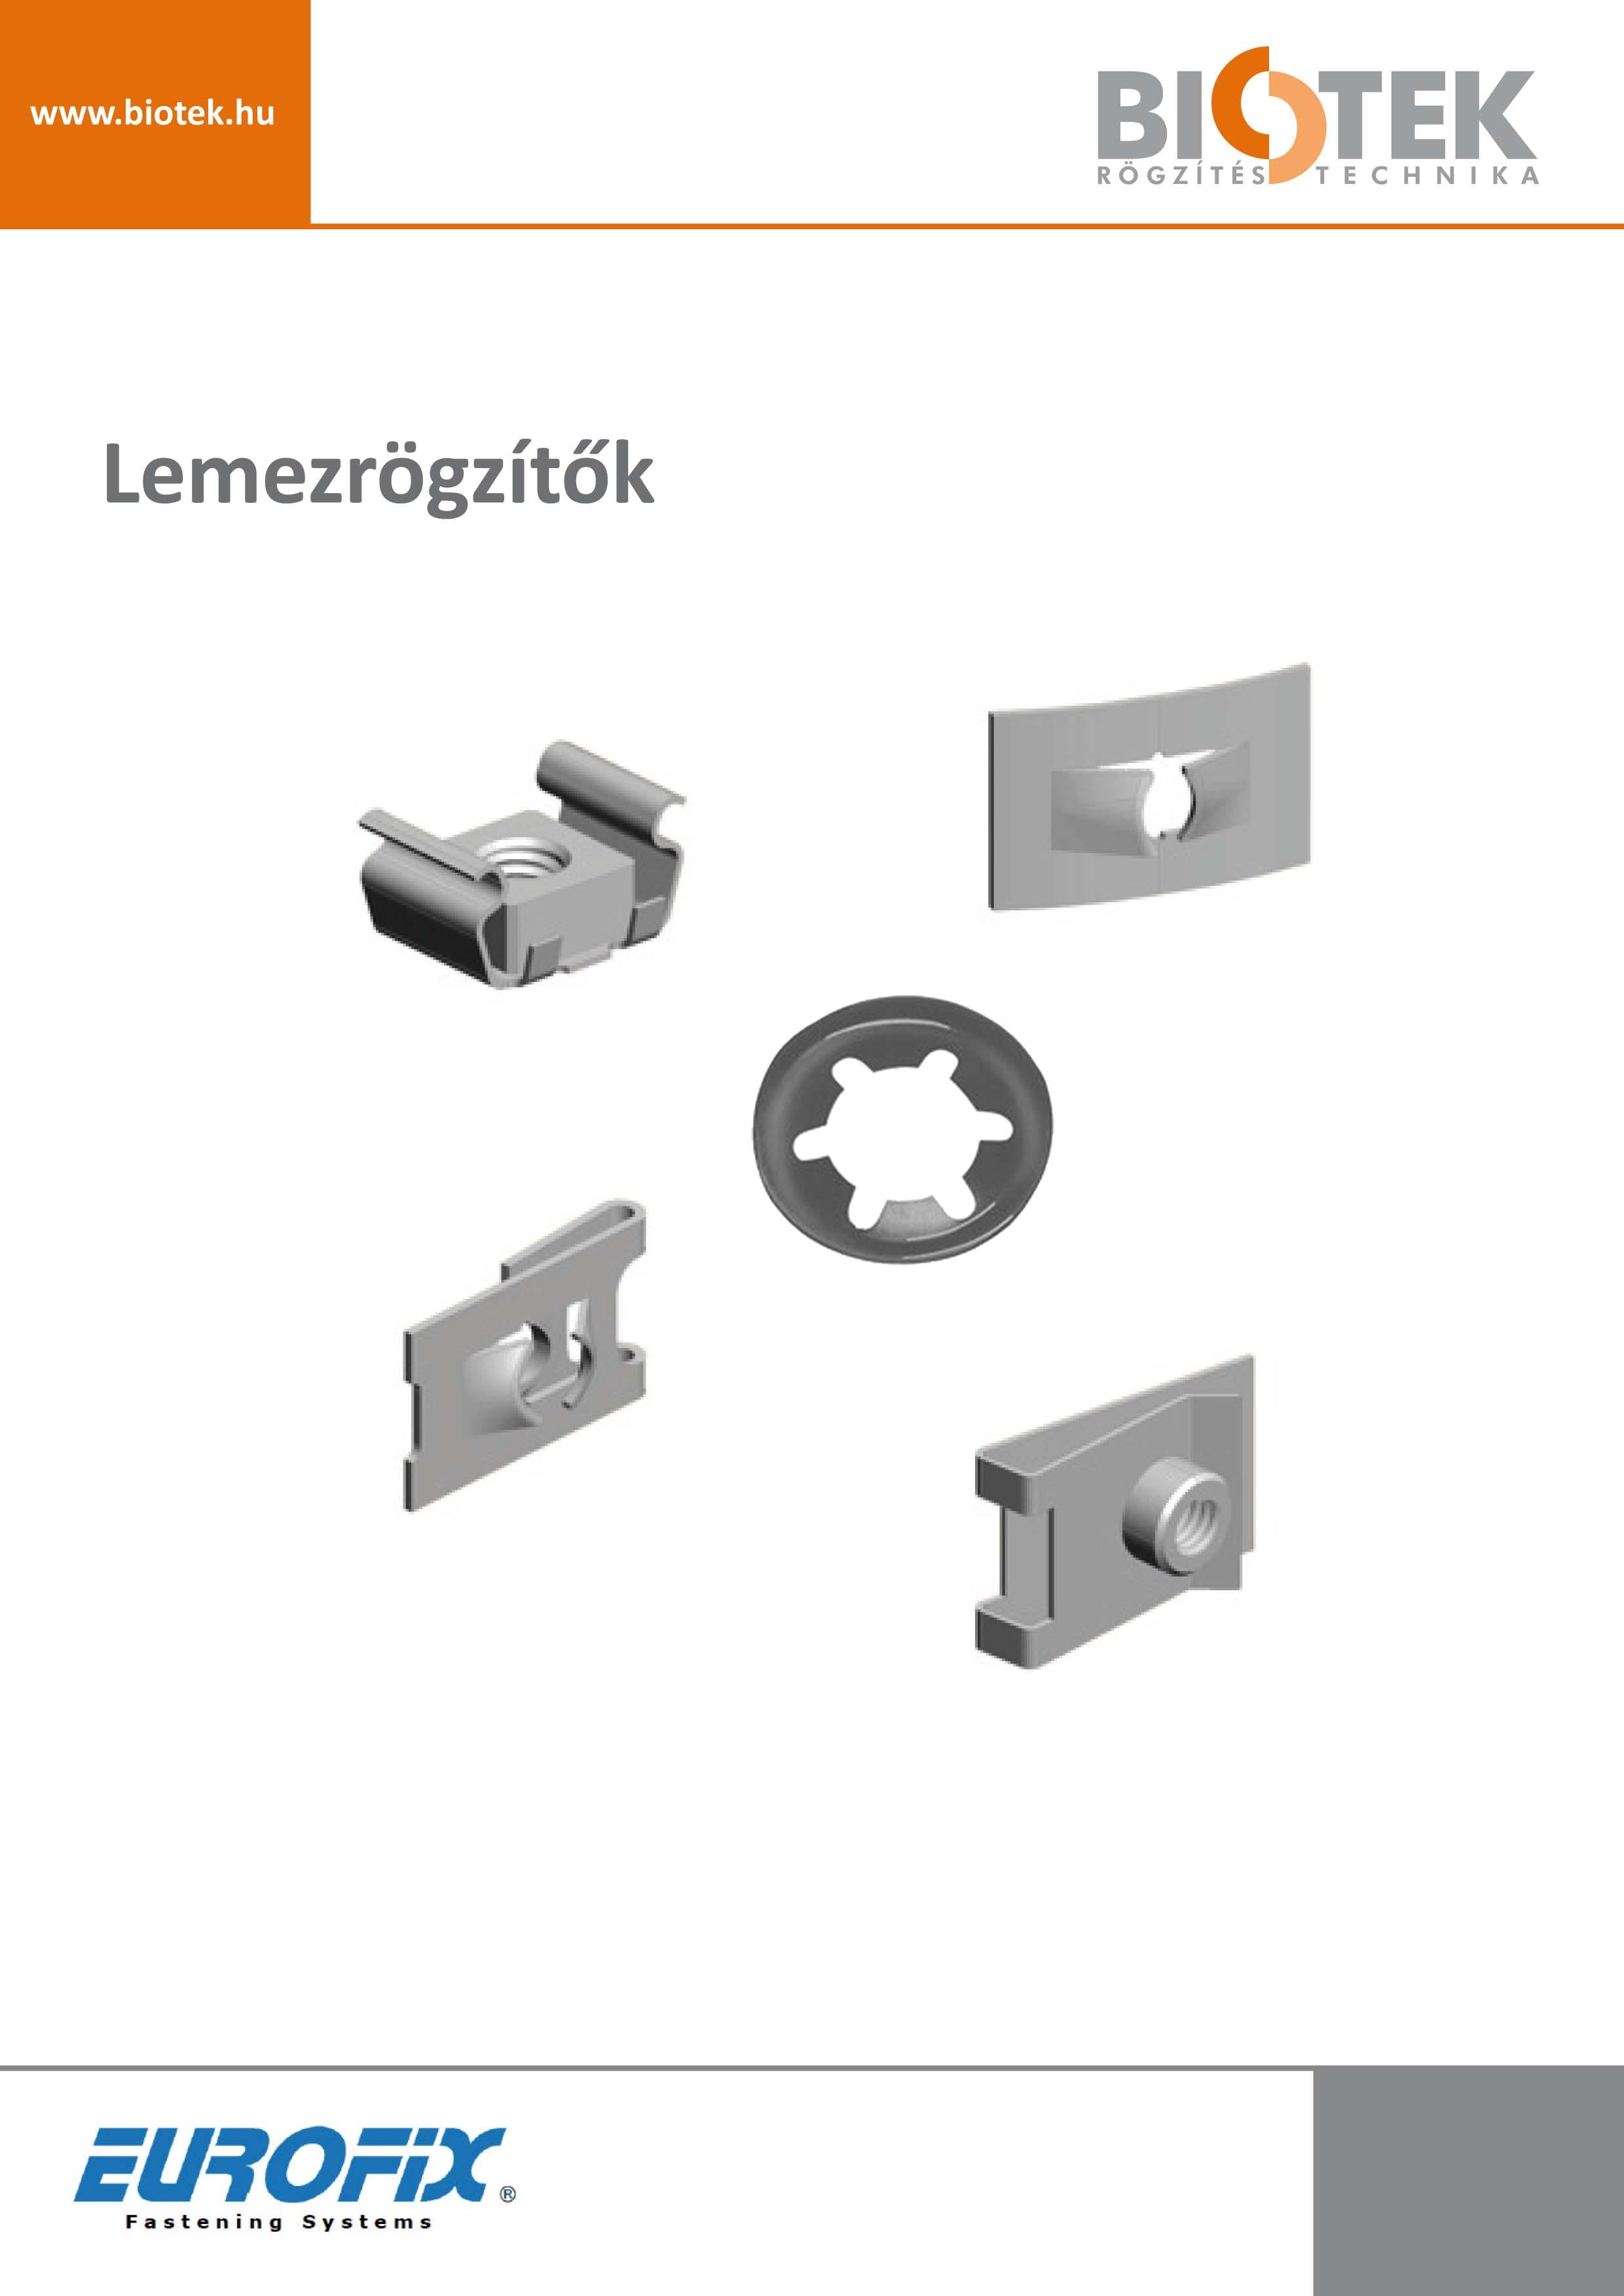 Eurofix - lemezrögzítők